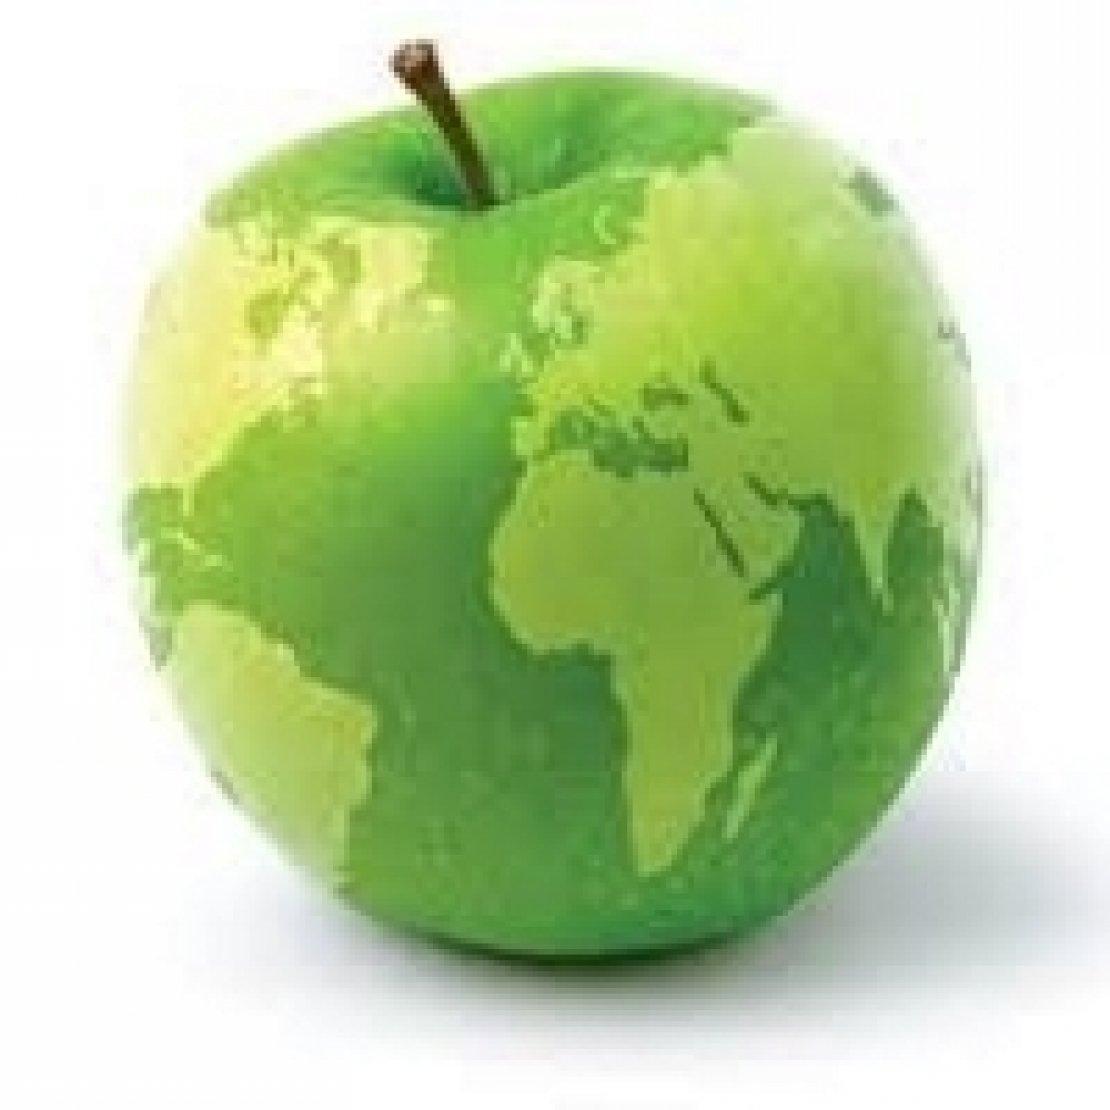 La salute del pianeta e la salute delle persone sono una cosa sola